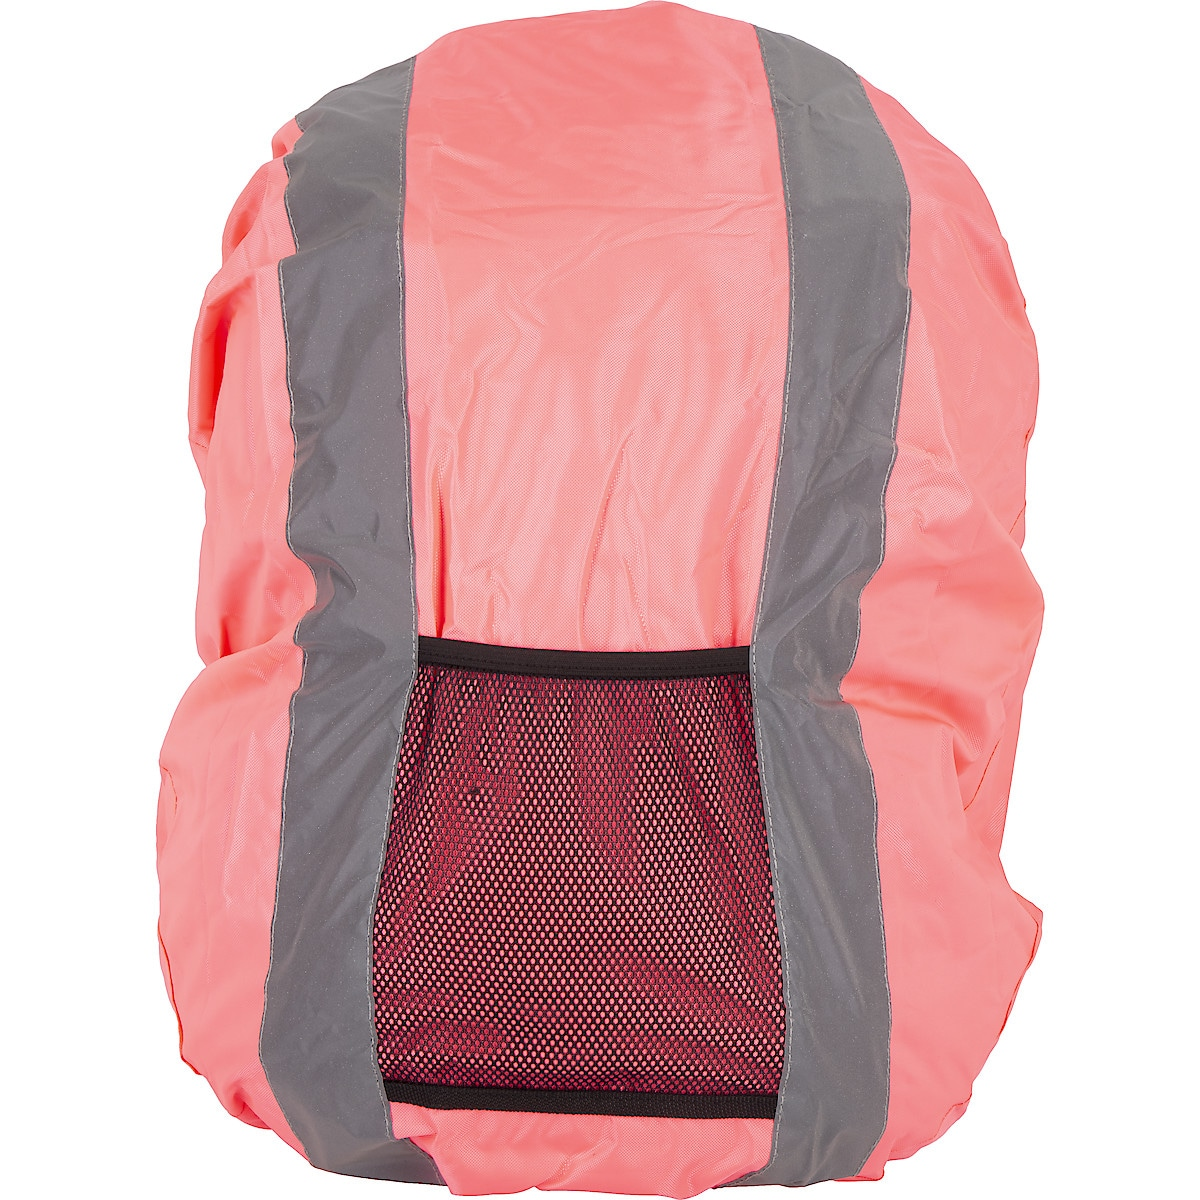 Regnöverdrag med reflekterande material för ryggsäck